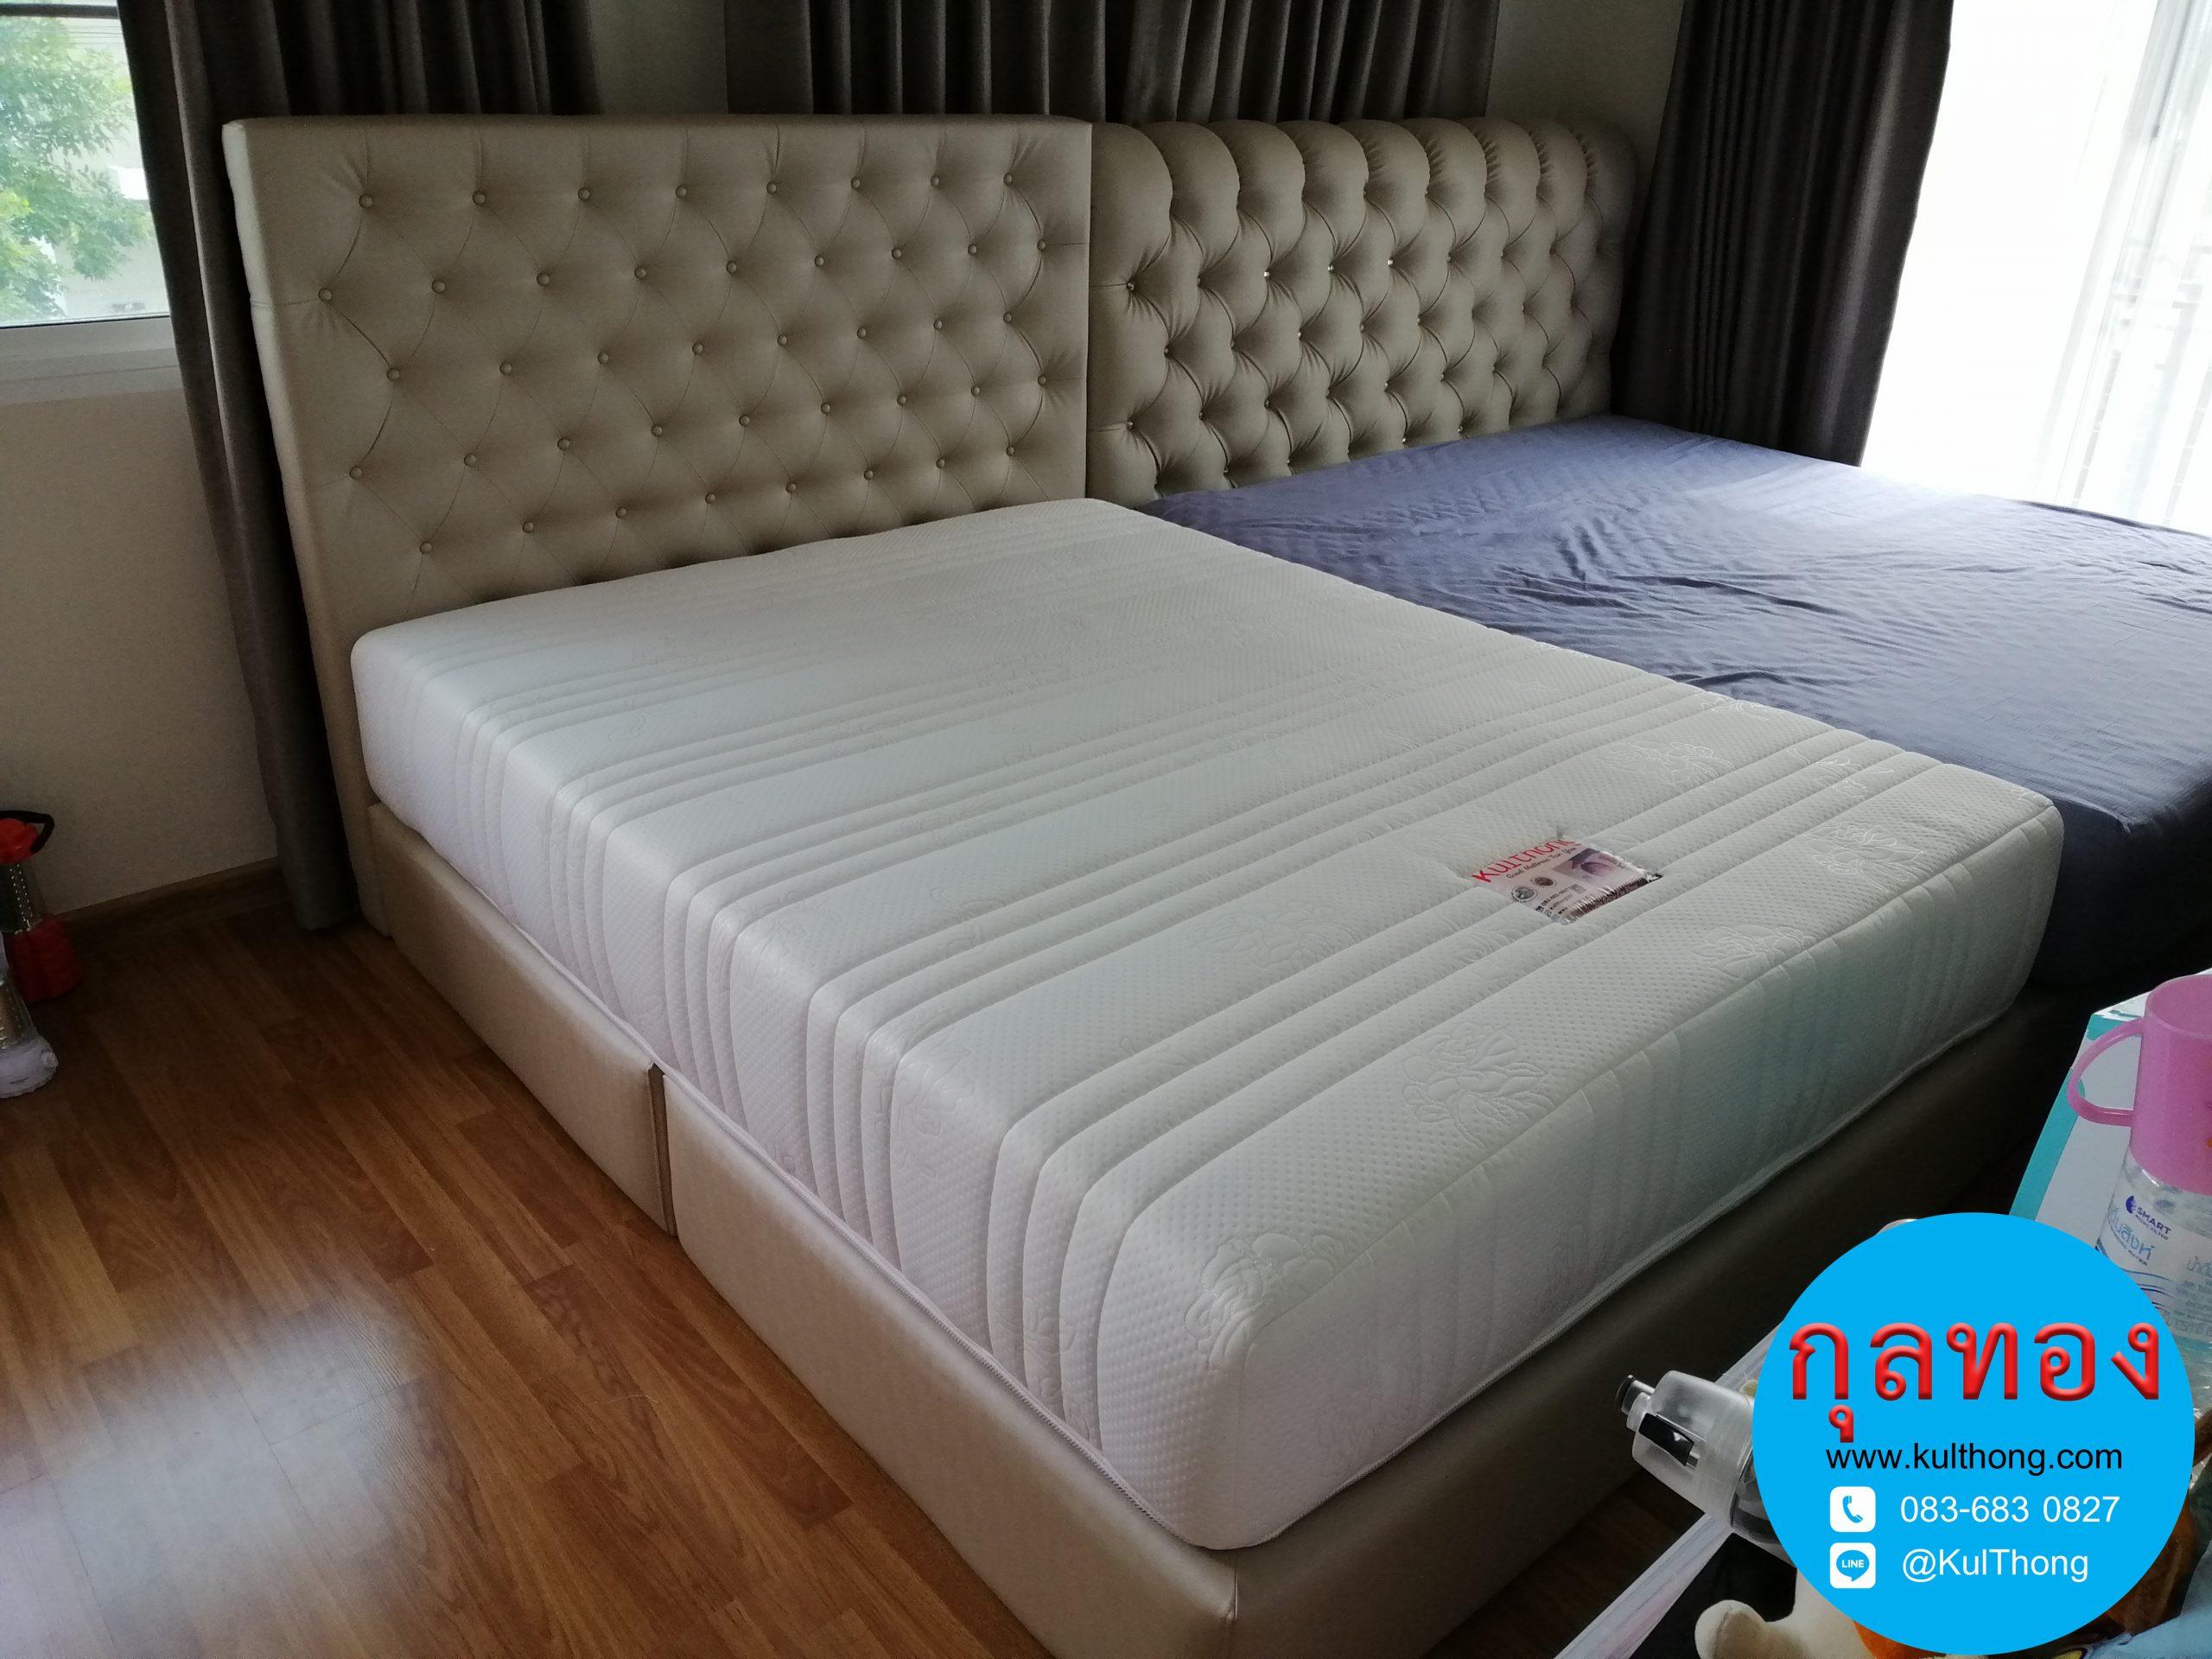 หัวเตียงดีไชน์ หัวเตียงดึงกระดุม เตียงหุ้มหนัง ฐานเตียงแบบมีหัวเตียง